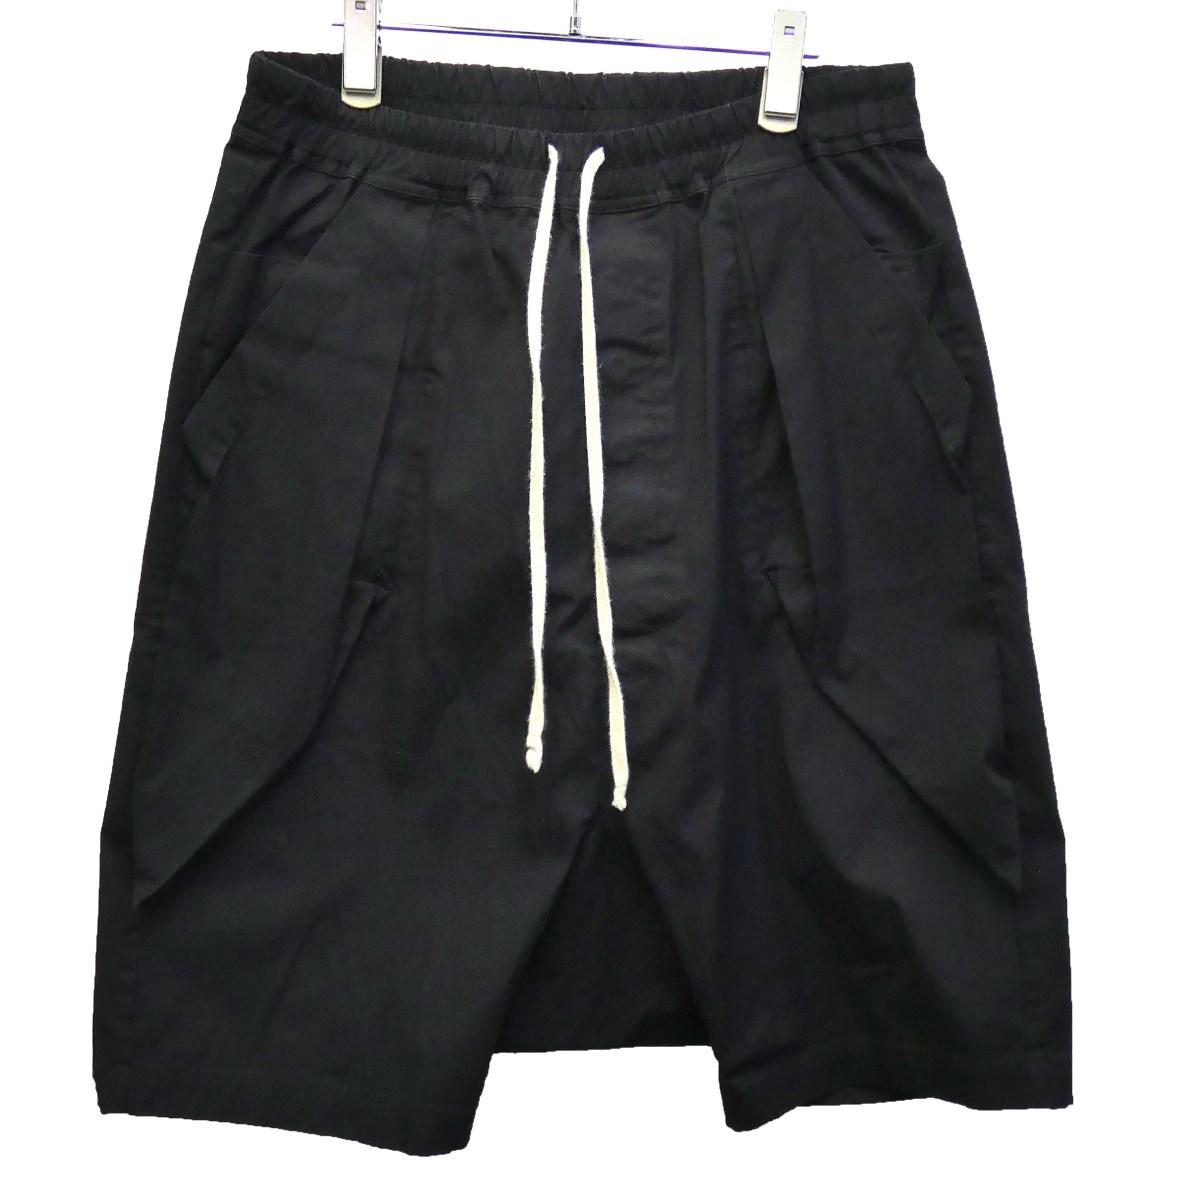 【中古】Rick Owens 16SS サルエルハーフパンツ RU16S3392-TE ブラック サイズ:IT50 【050220】(リックオウエンス)